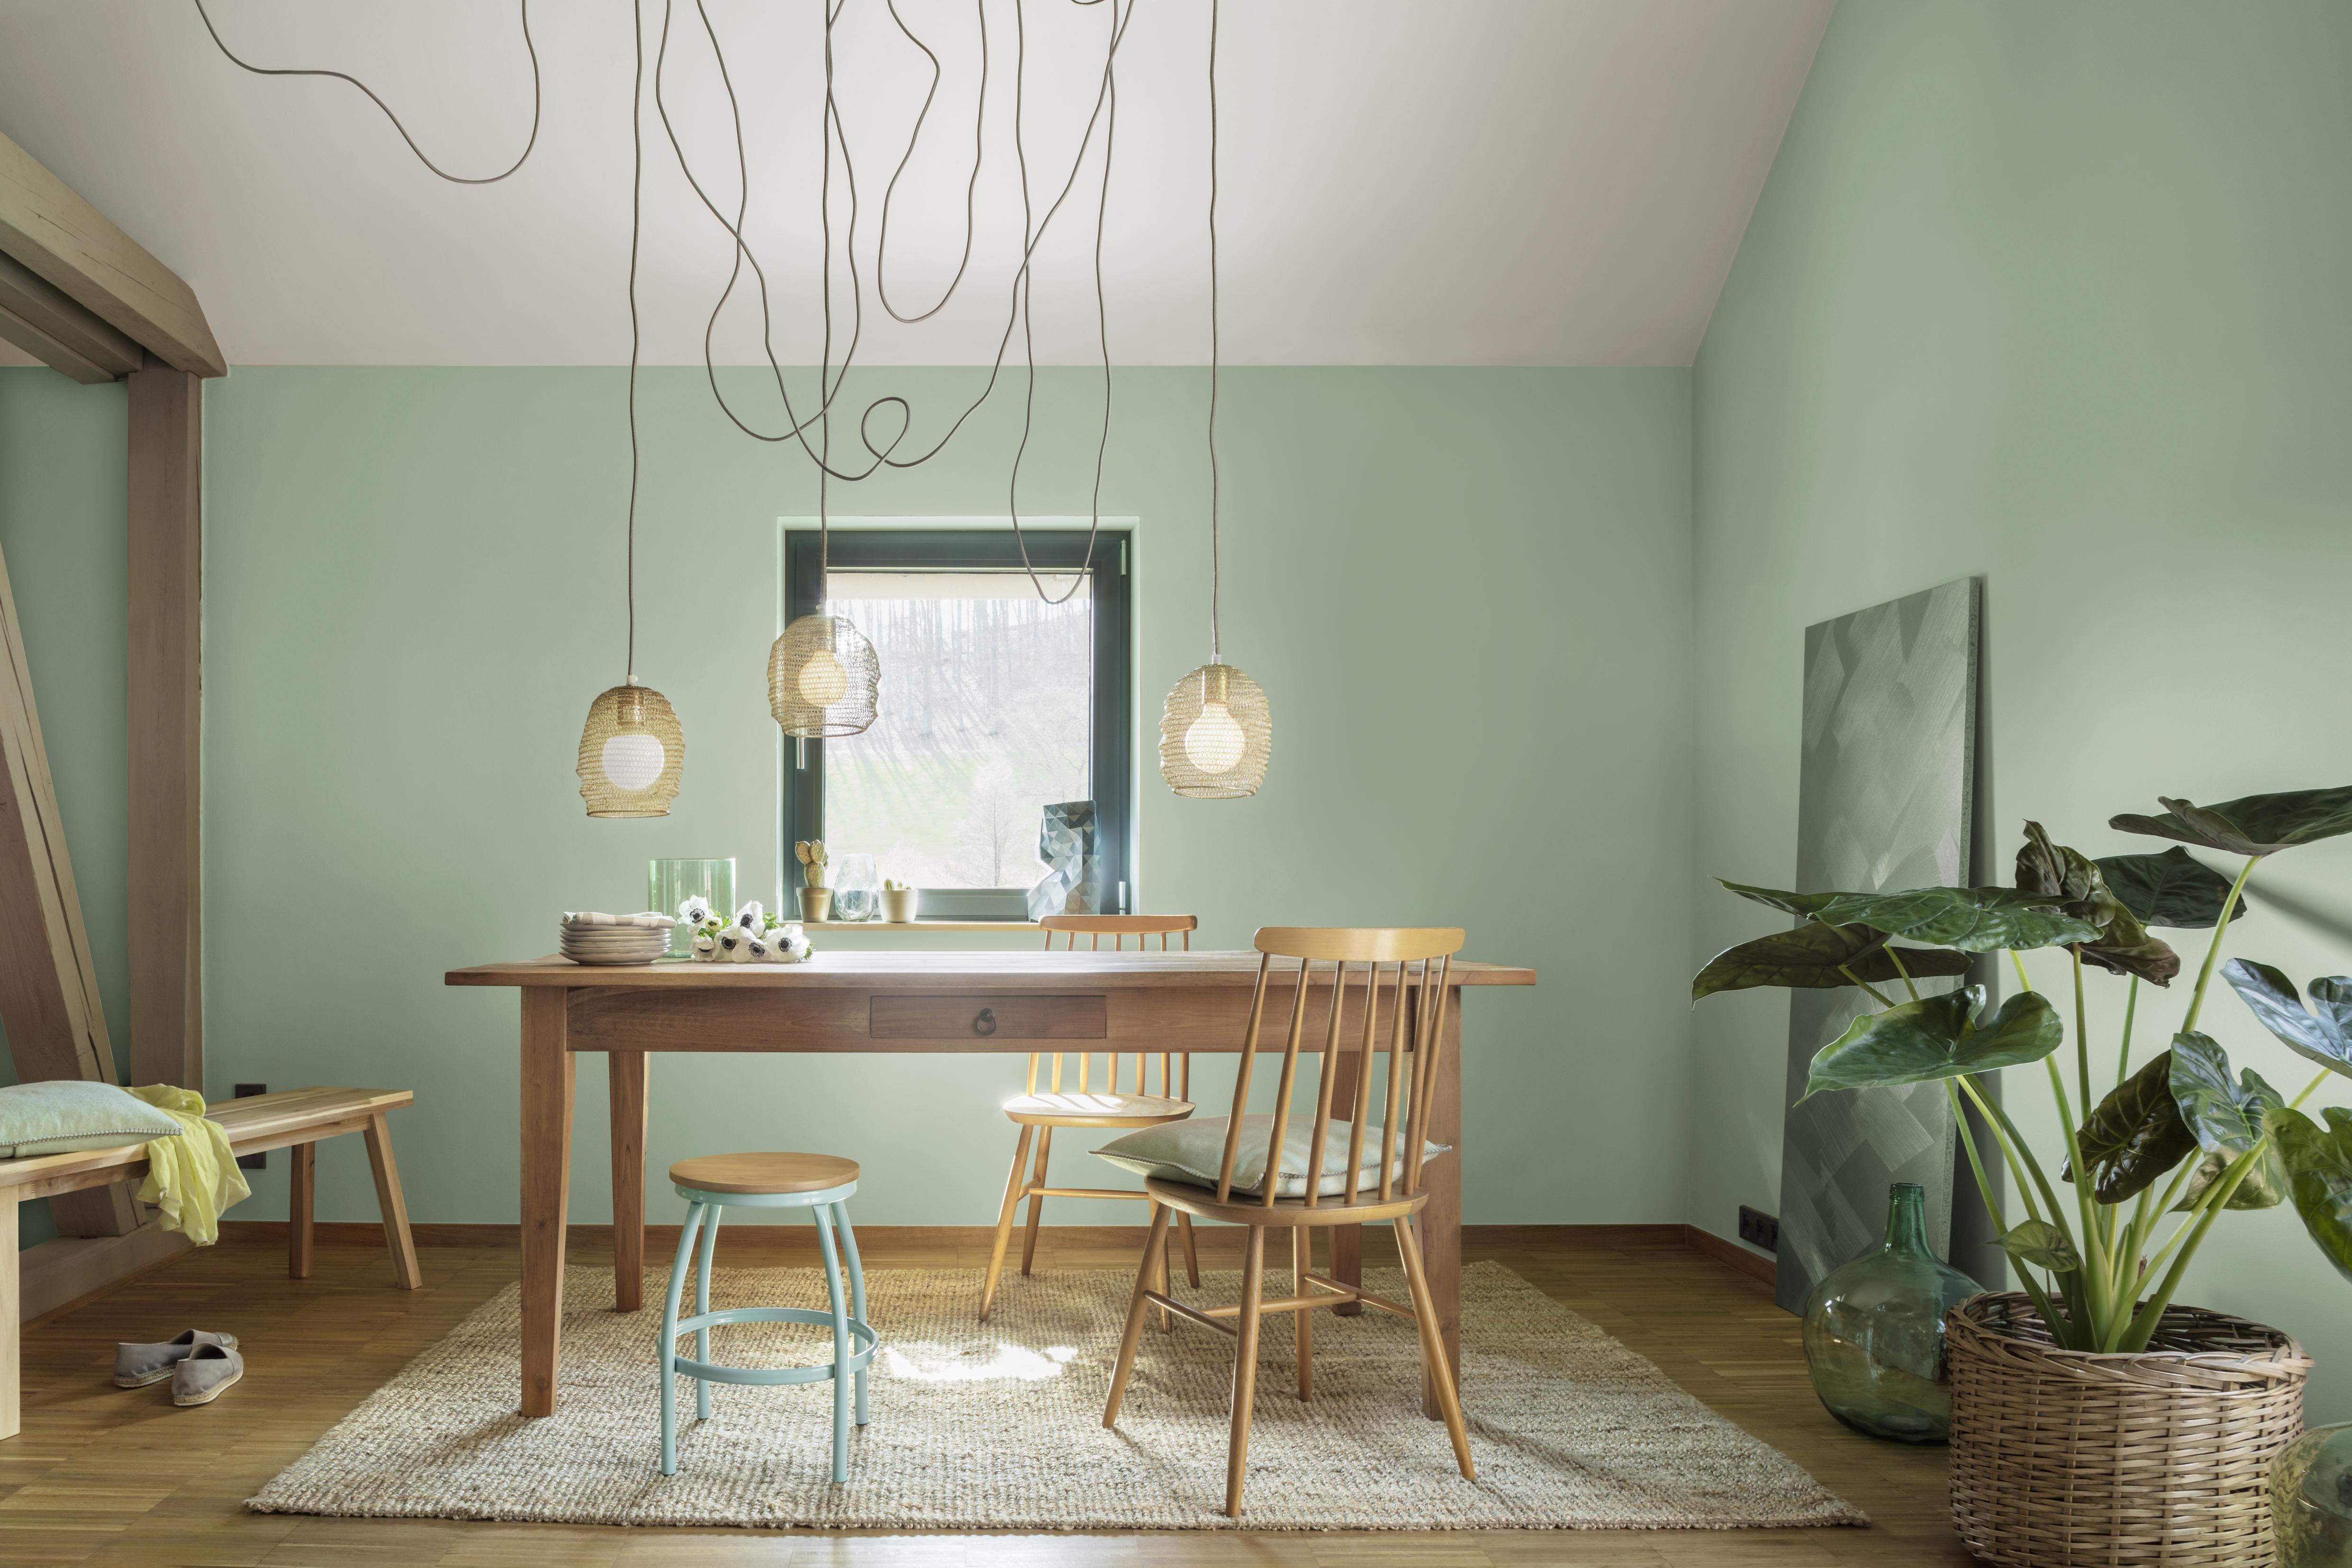 gestaltet im stil der 50er jahre caparol farben lacke bautenschutz gmbh pressemitteilung. Black Bedroom Furniture Sets. Home Design Ideas